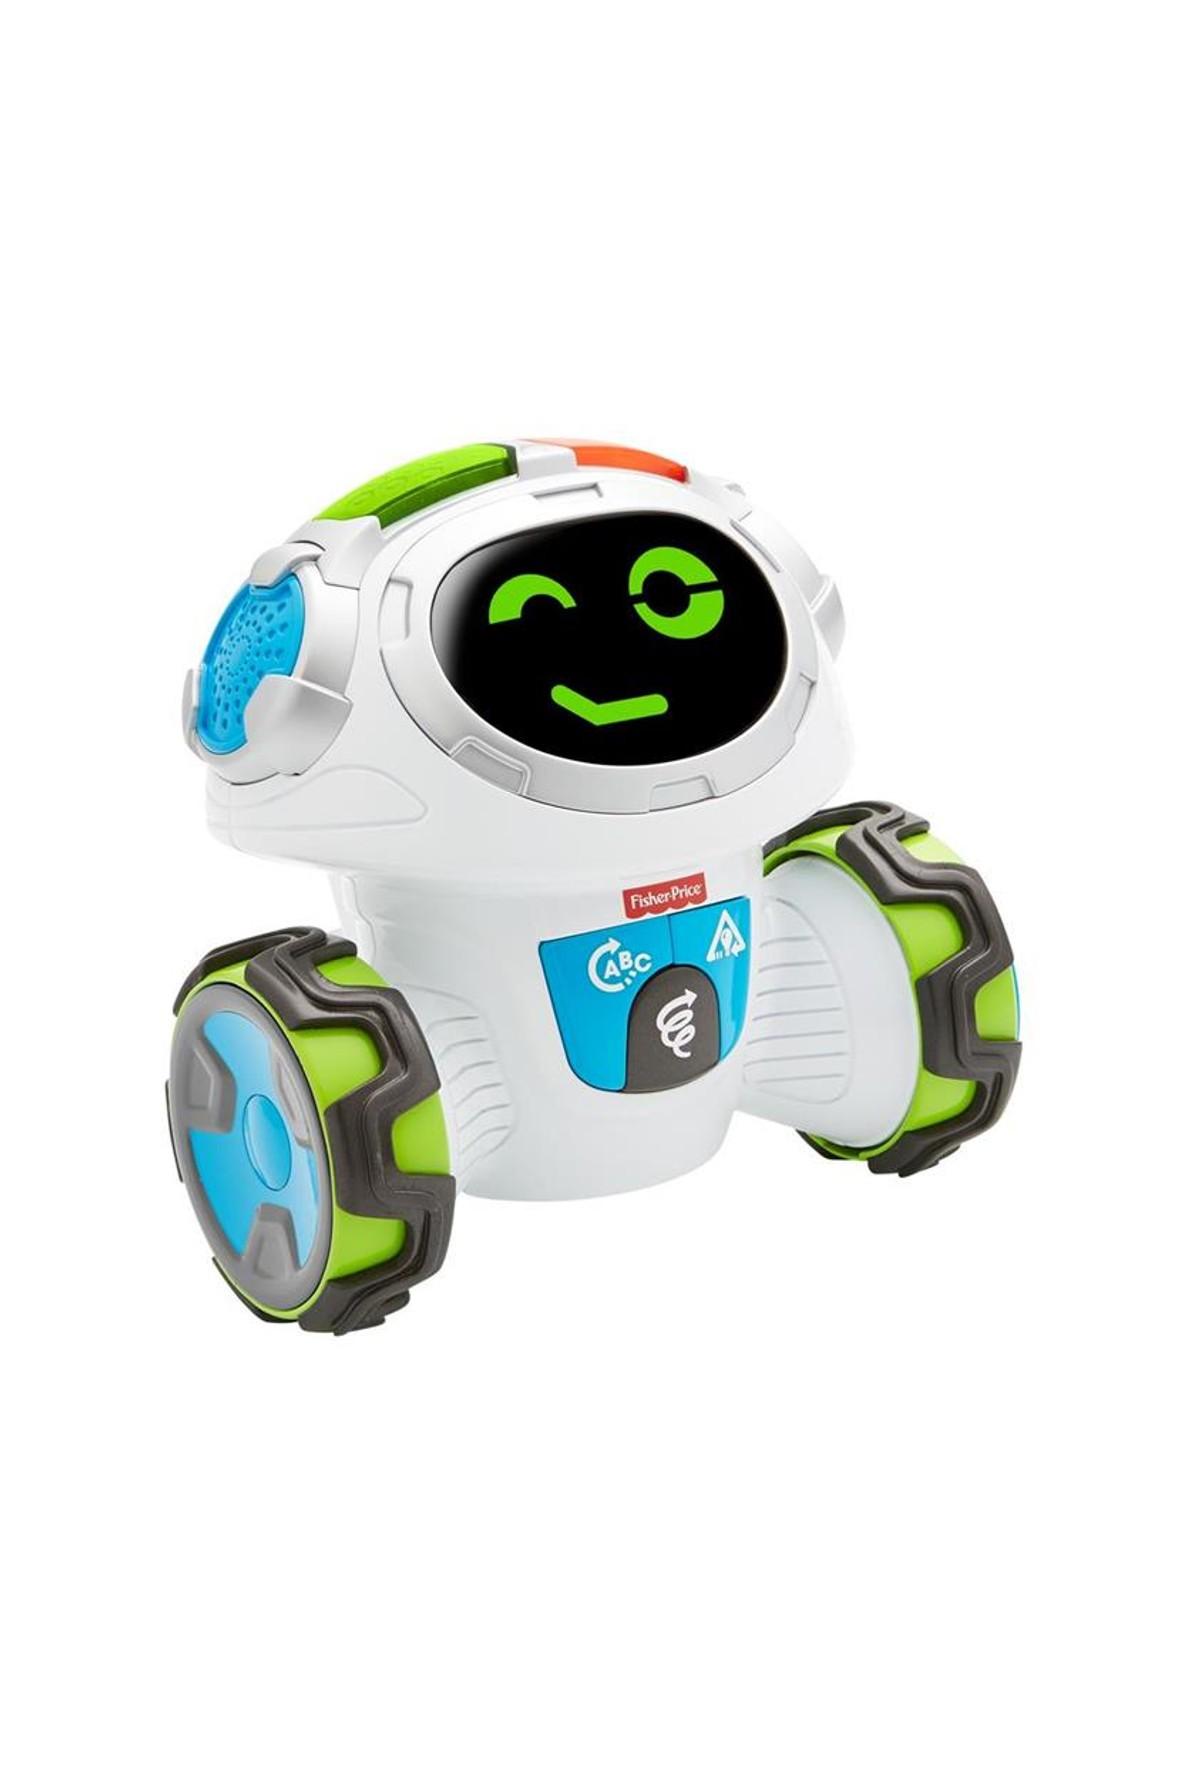 Robot Movi Mistrz Zabawy